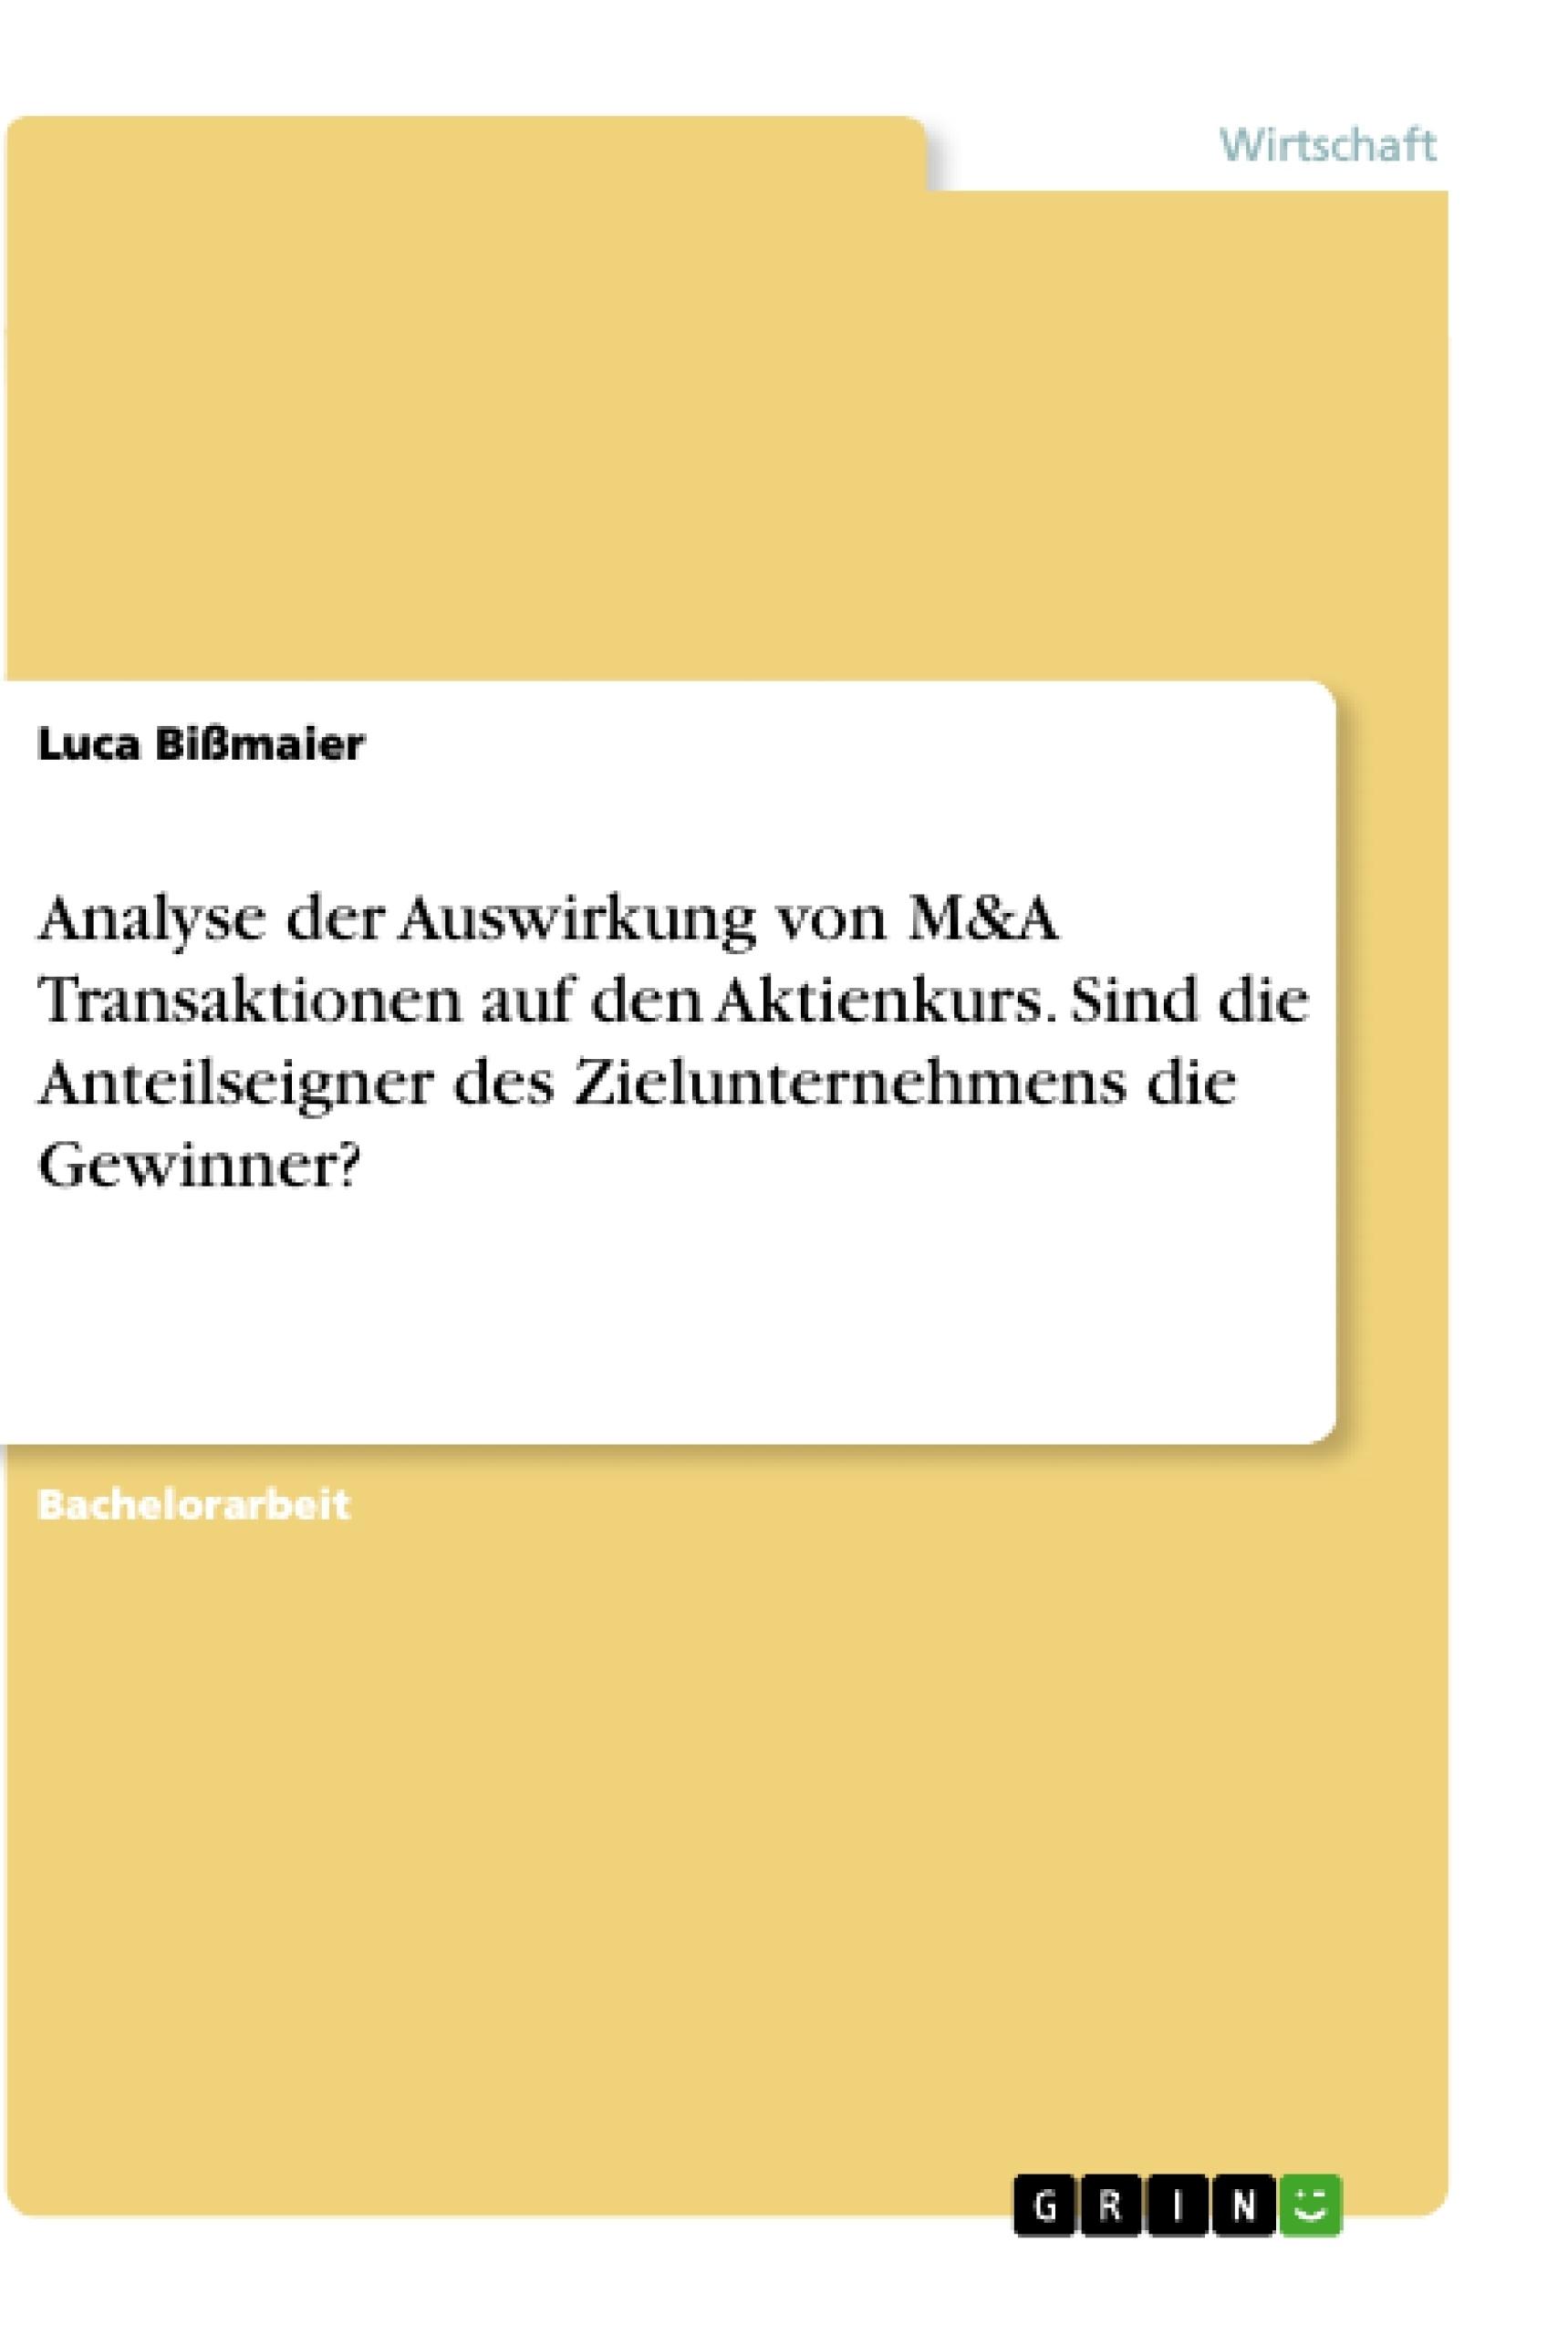 Titel: Analyse der Auswirkung von M&A Transaktionen auf den Aktienkurs. Sind die Anteilseigner des Zielunternehmens die Gewinner?